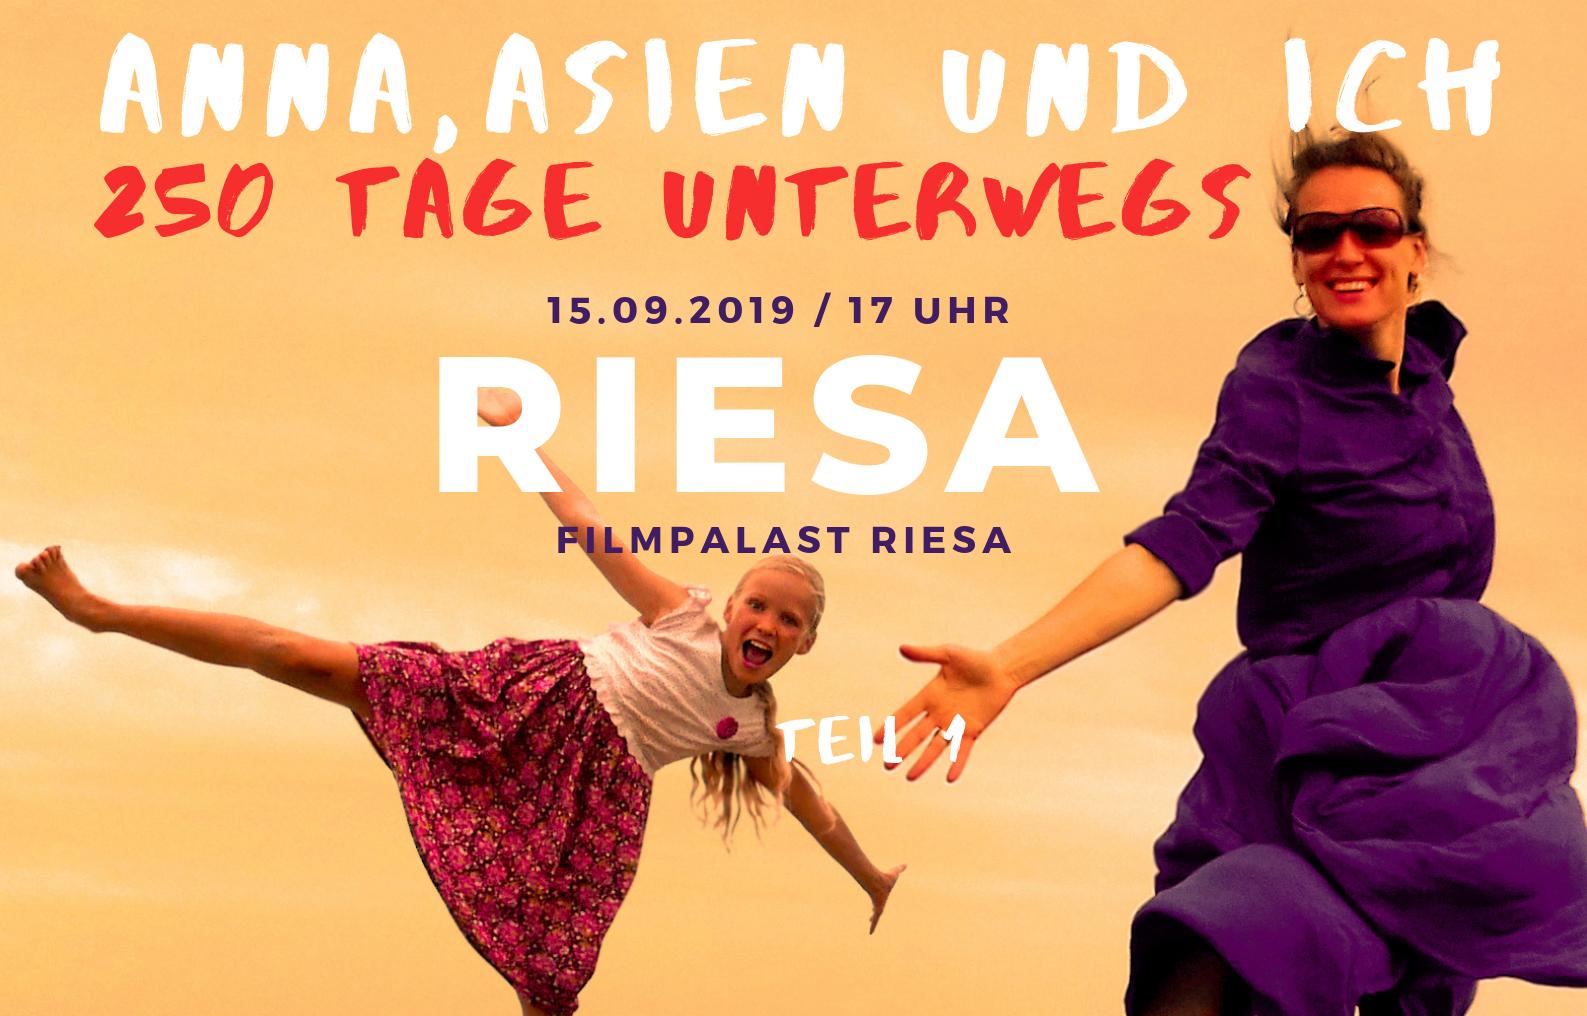 Anna Asien und ich Dokumentarfilm Riesa Deutschland